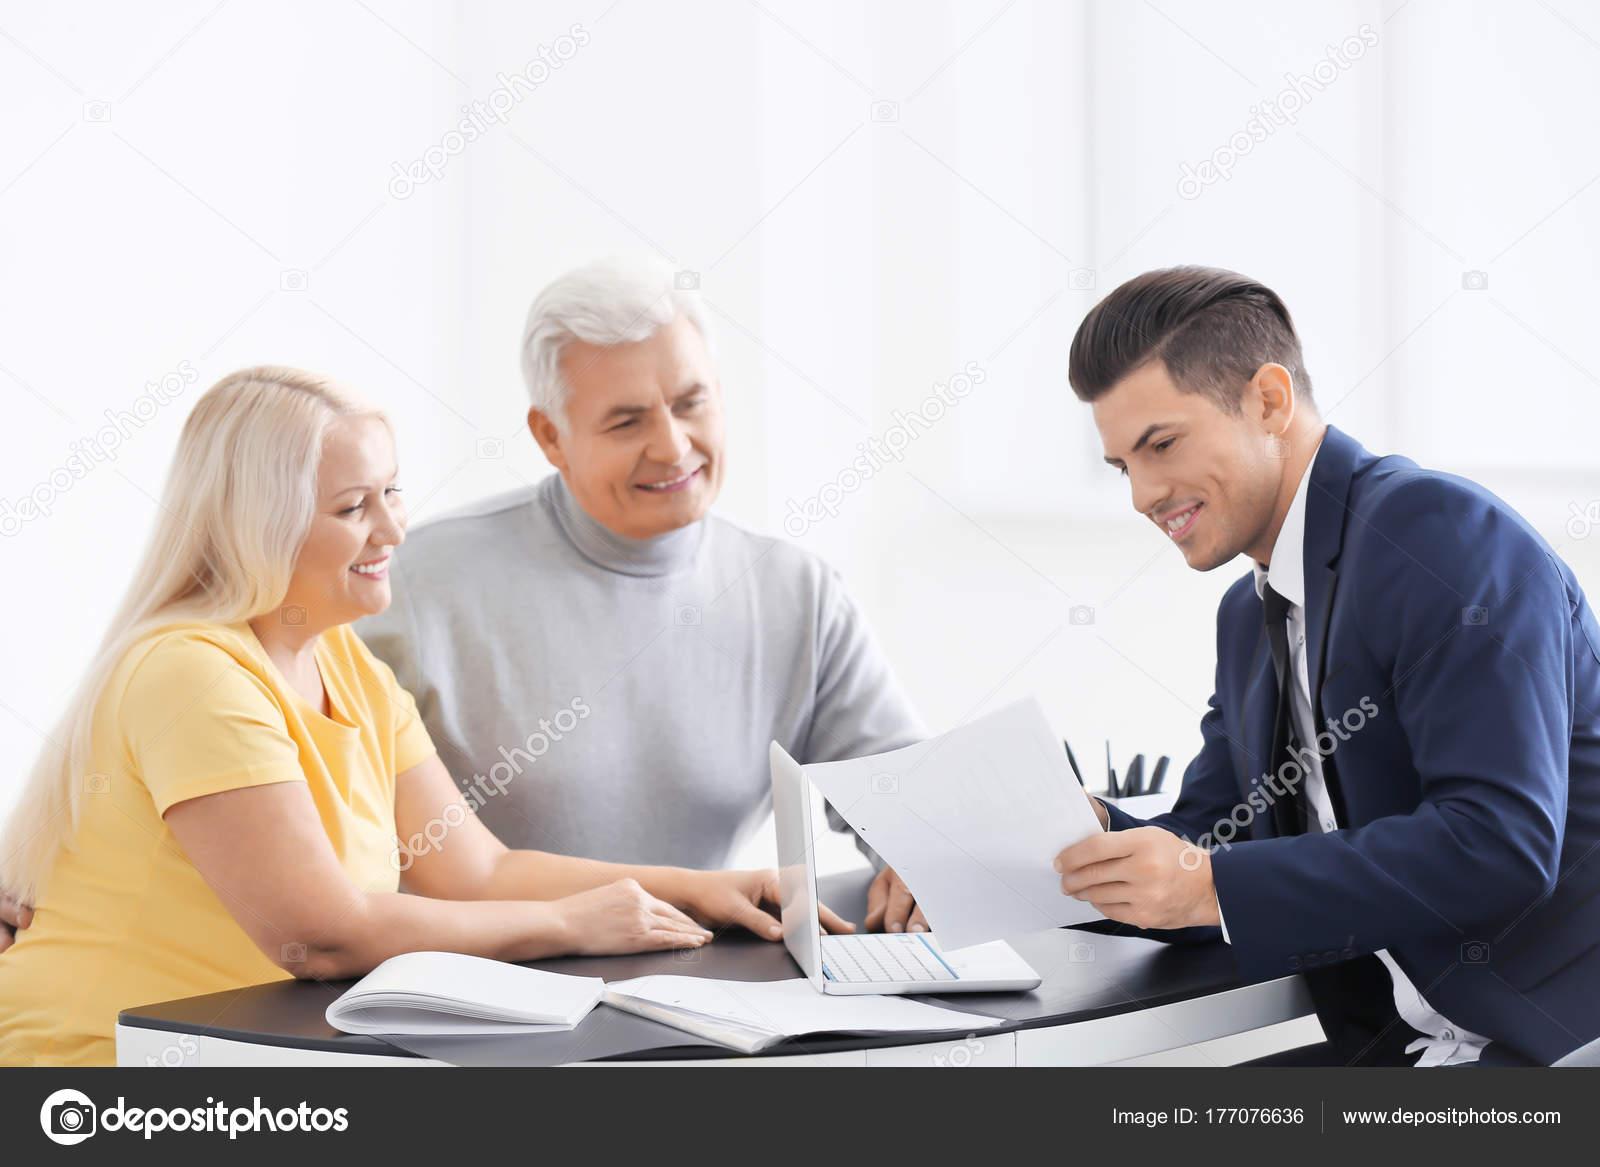 Δωρεάν συνάντηση ραντεβού σπίτι